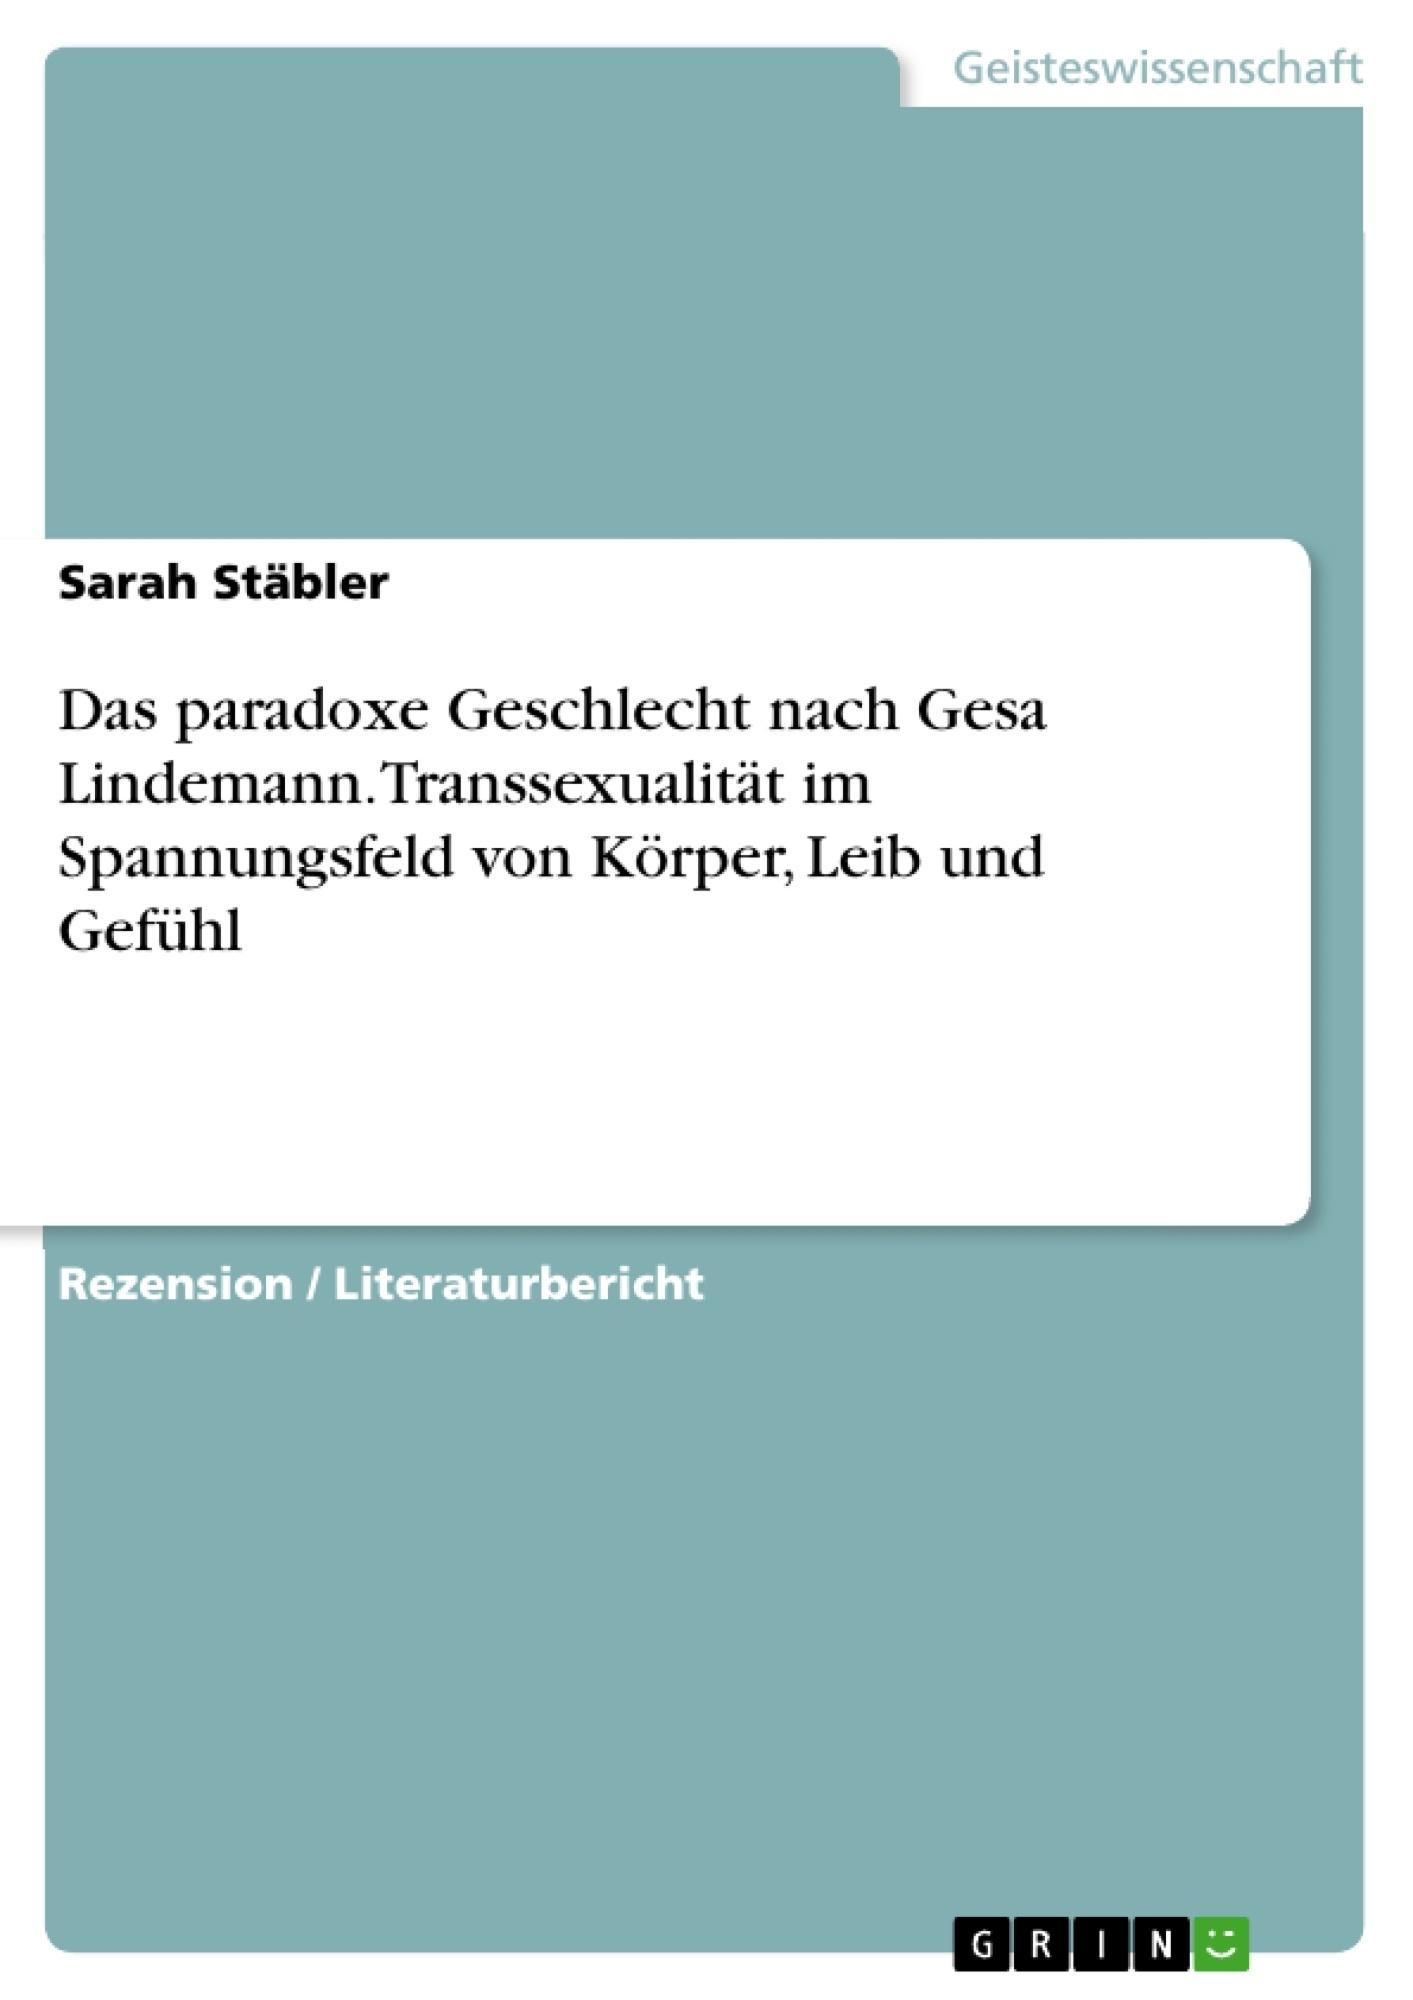 Titel: Das paradoxe Geschlecht nach Gesa Lindemann. Transsexualität im Spannungsfeld von Körper, Leib und Gefühl